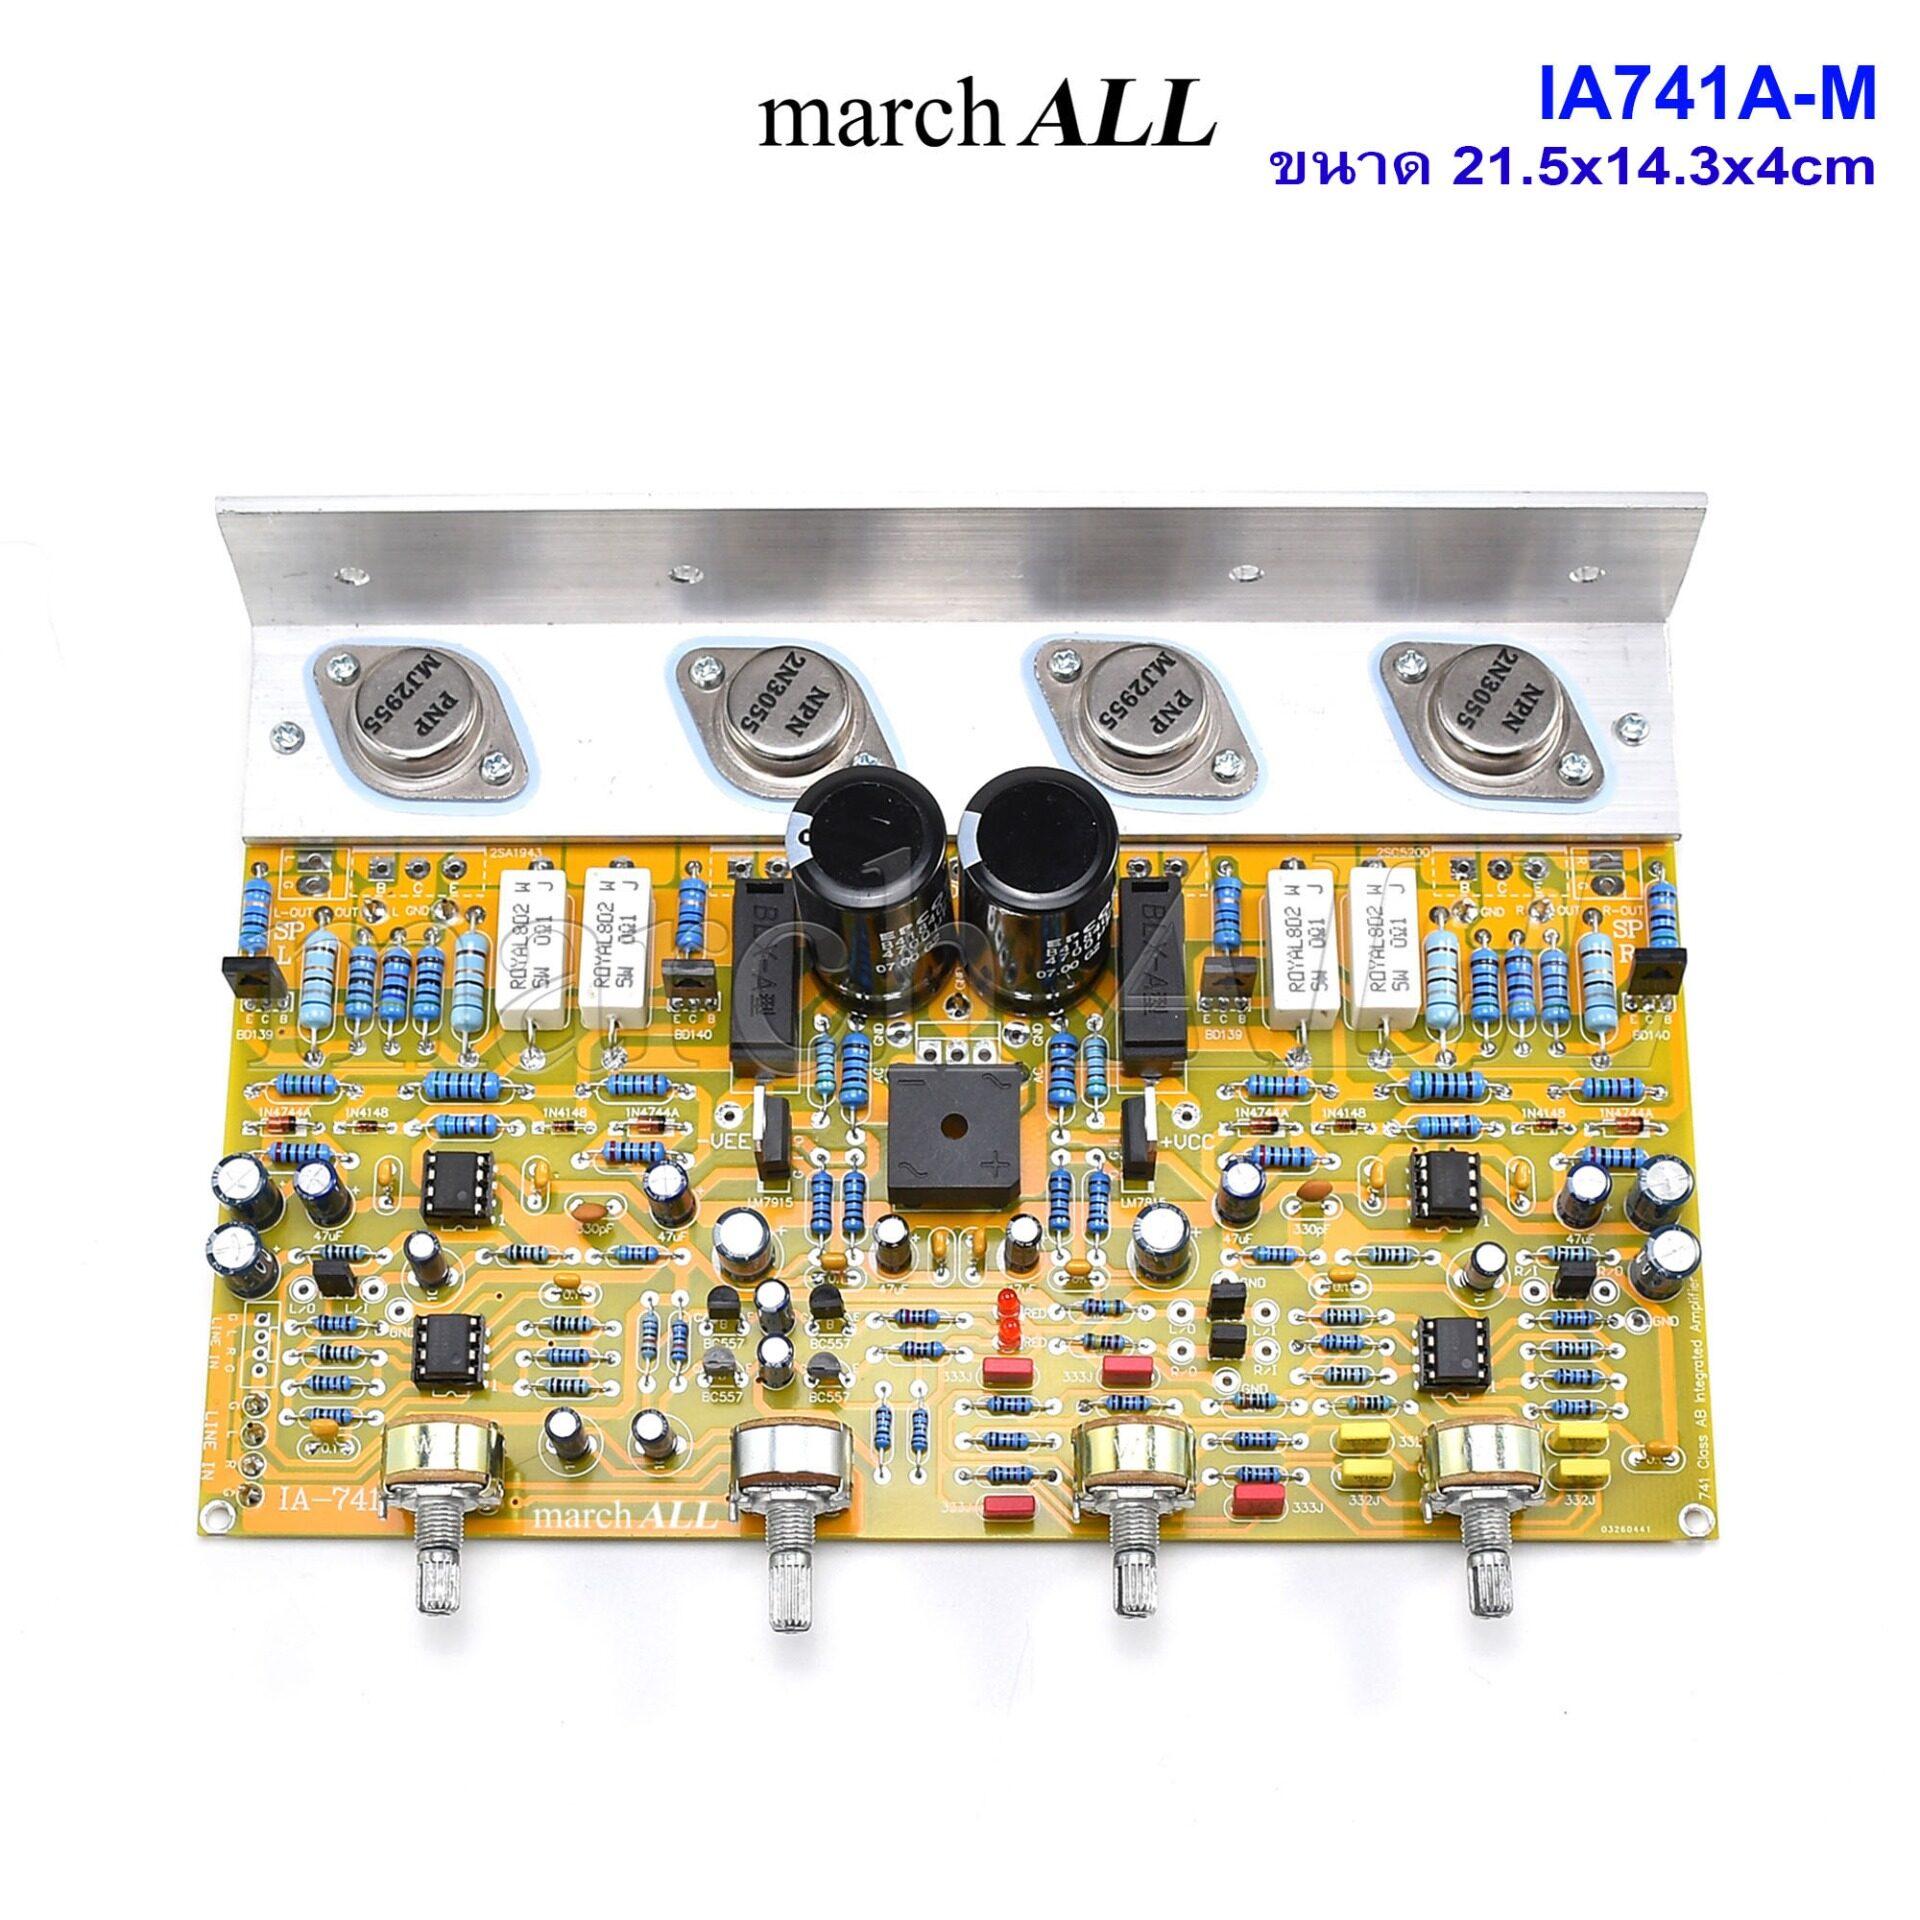 Marchall Ia-741a-M ชุดลงอุปกรณ์ เครื่องขยายเสียง ทรานซิสเตอร์ ตัวถัง To-3 จานบิน สเตอร์ริโอ 200 วัตต์ Rms อินทิเกรตแอมป์ Integrated Amp มีปรีแอมป์  โทน คอนโทรล ปรับทุ้ม แหลมได้ ในแผ่นปริ้น Pcb บอร์ด รวมทุก วิชาเครื่องเสียงนักเรียน นักศึกษา อาชีวะ.